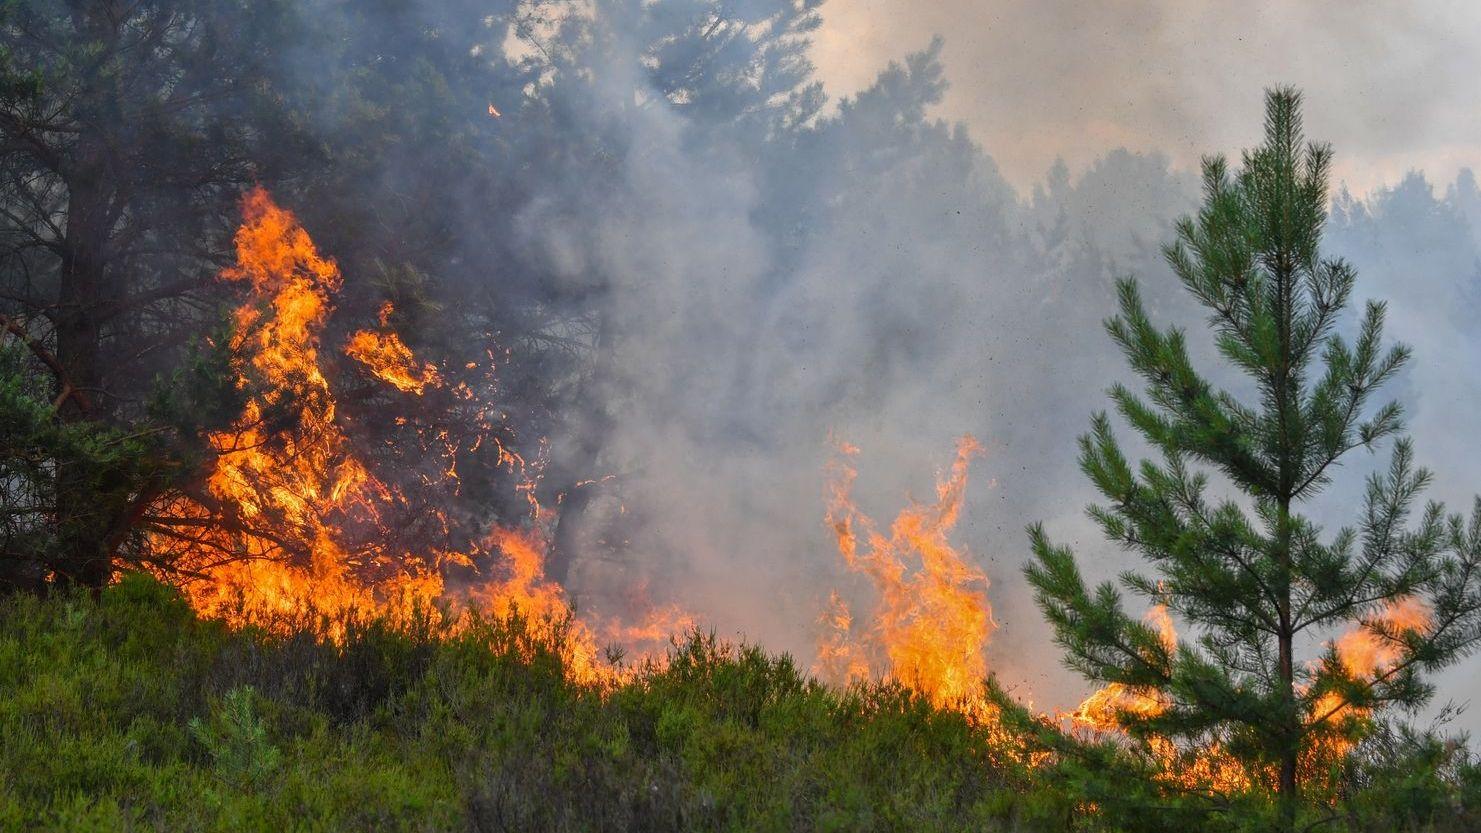 Die Waldbrandgefahr in Mittelfranken ist sehr hoch.